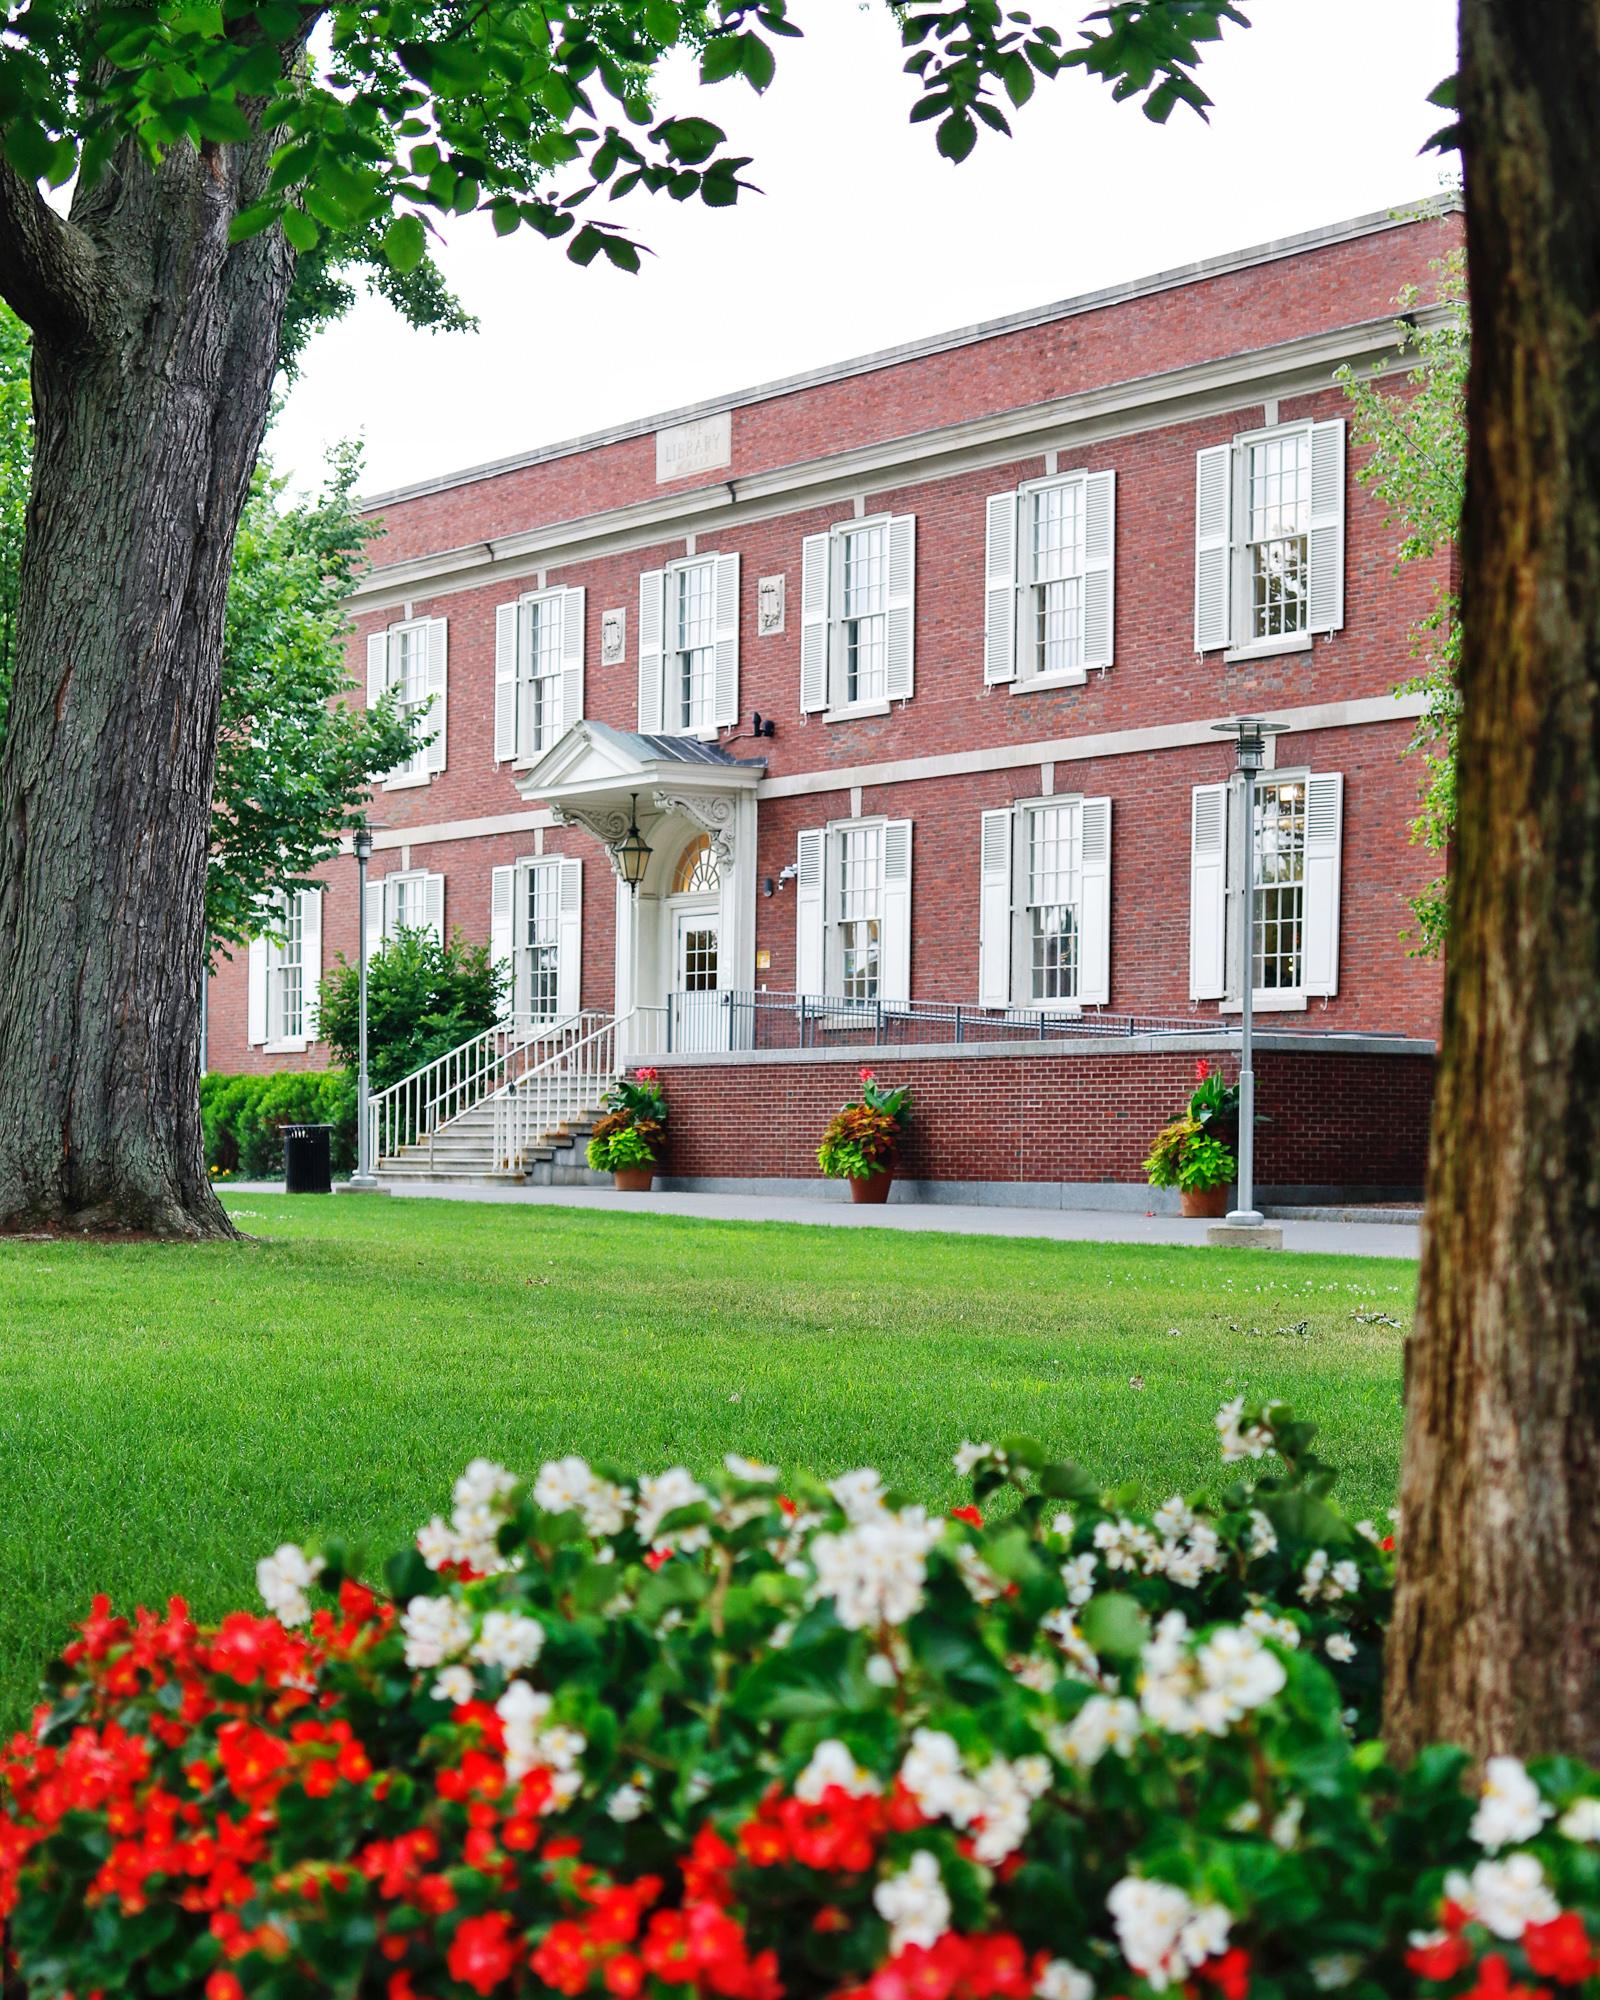 City Park Crandall Library Glens Falls NY